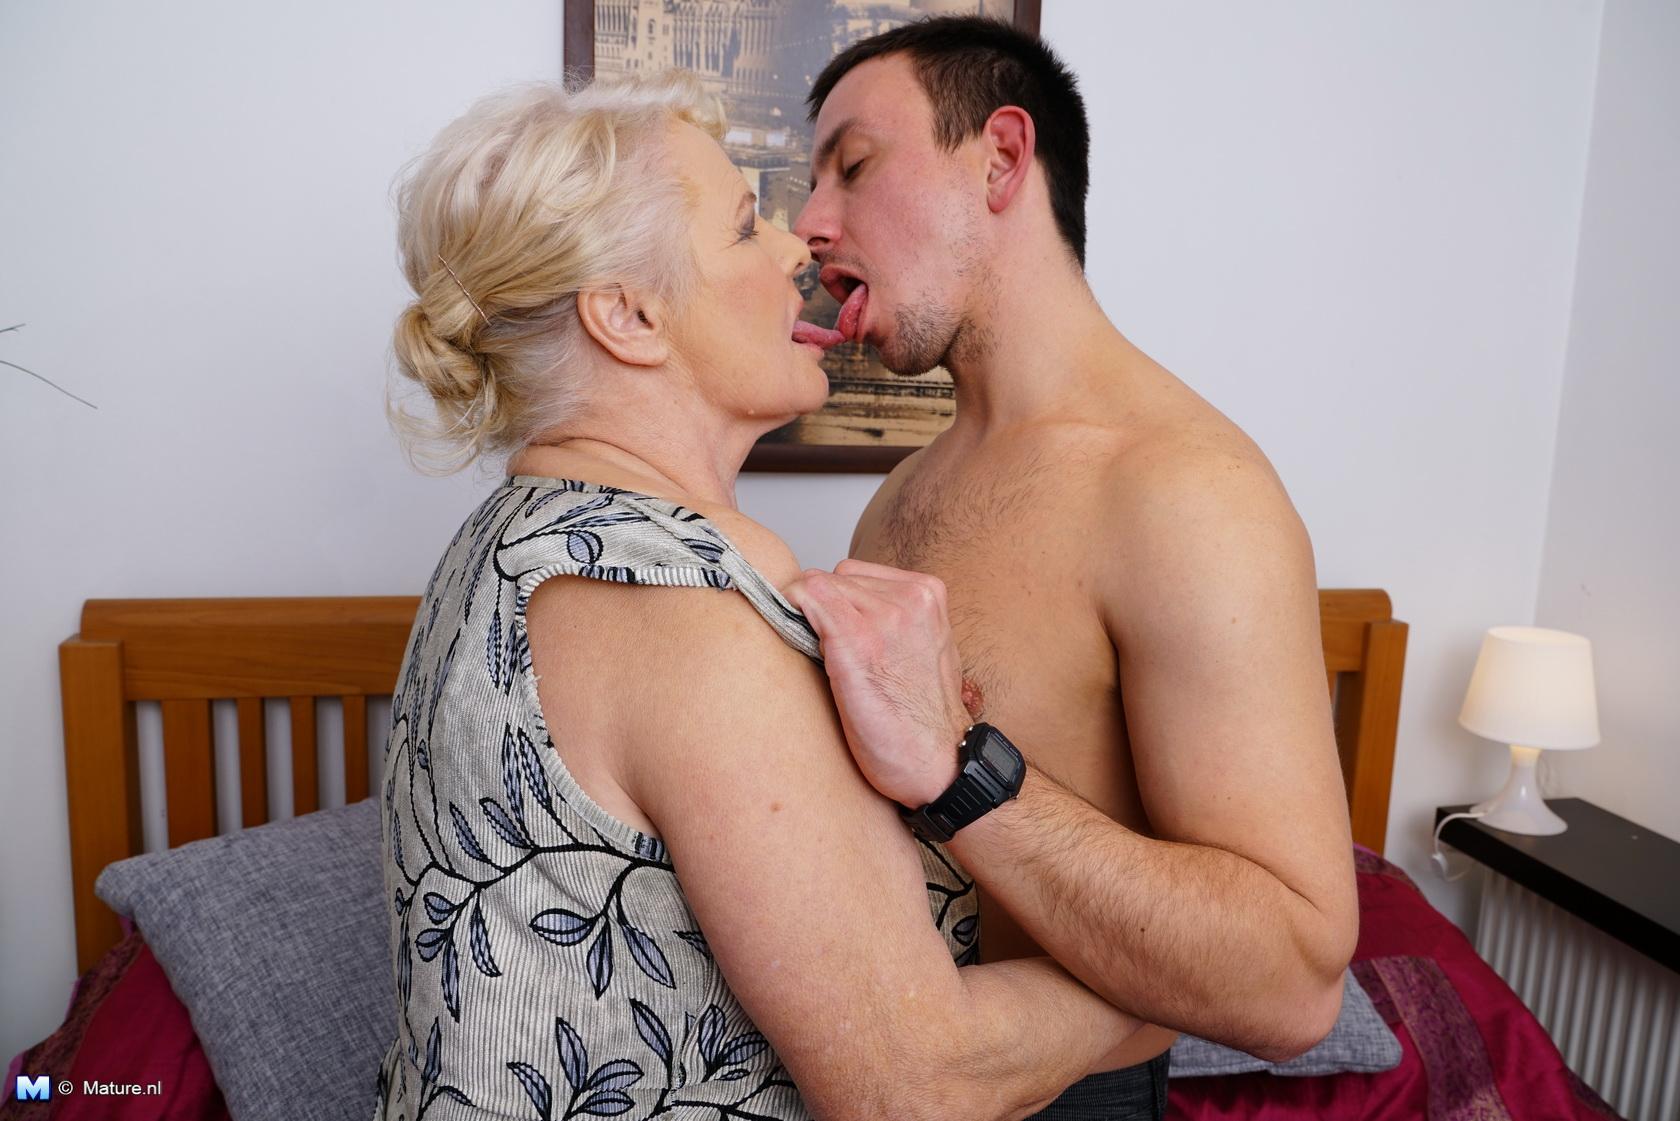 Wife bang blowjob